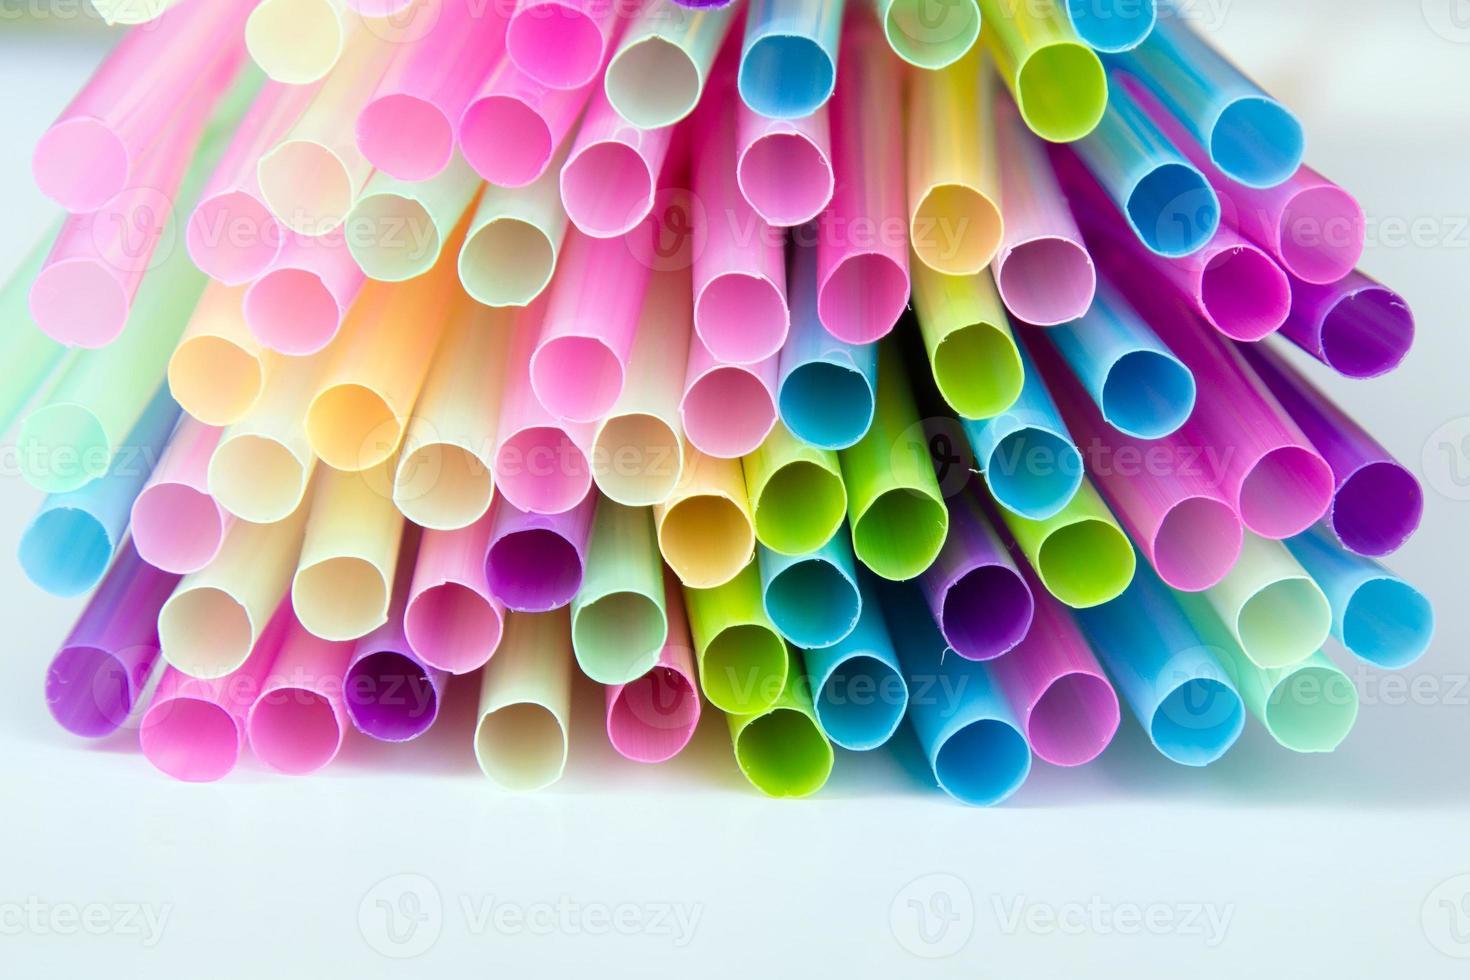 pajitas de plástico multicolores foto